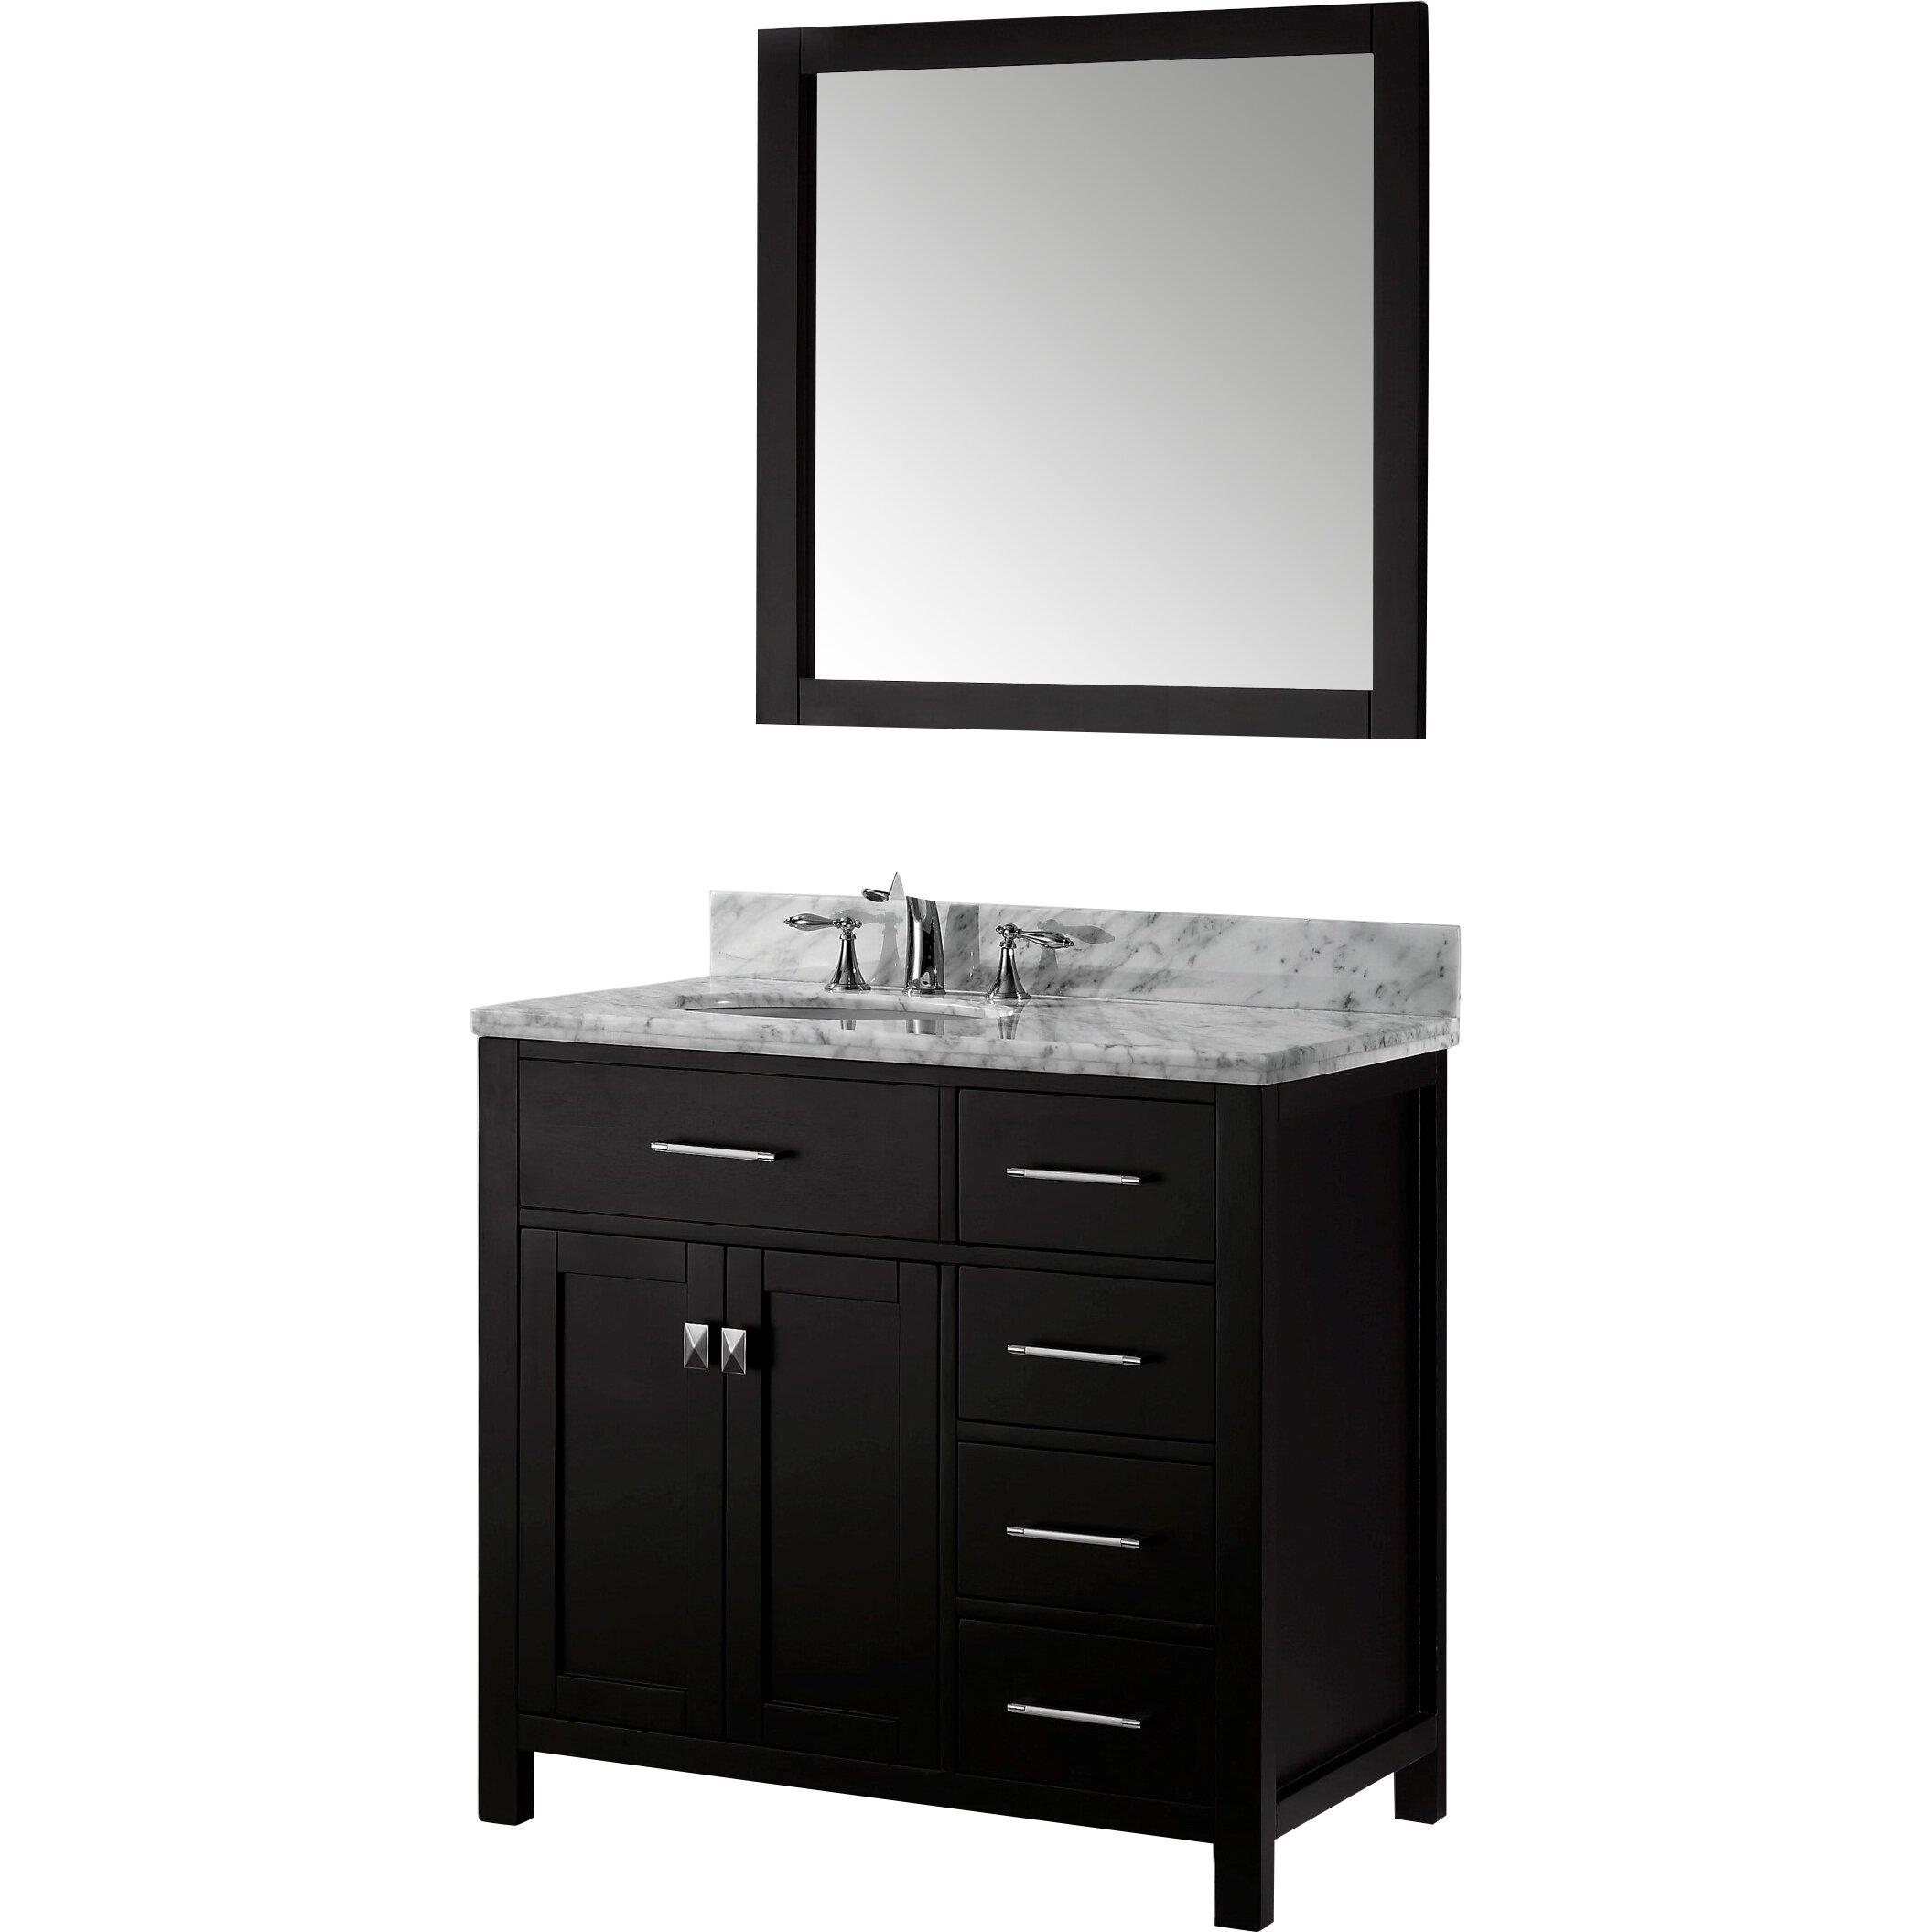 Virtu caroline parkway 37 single bathroom vanity set with for Vanity set with mirror